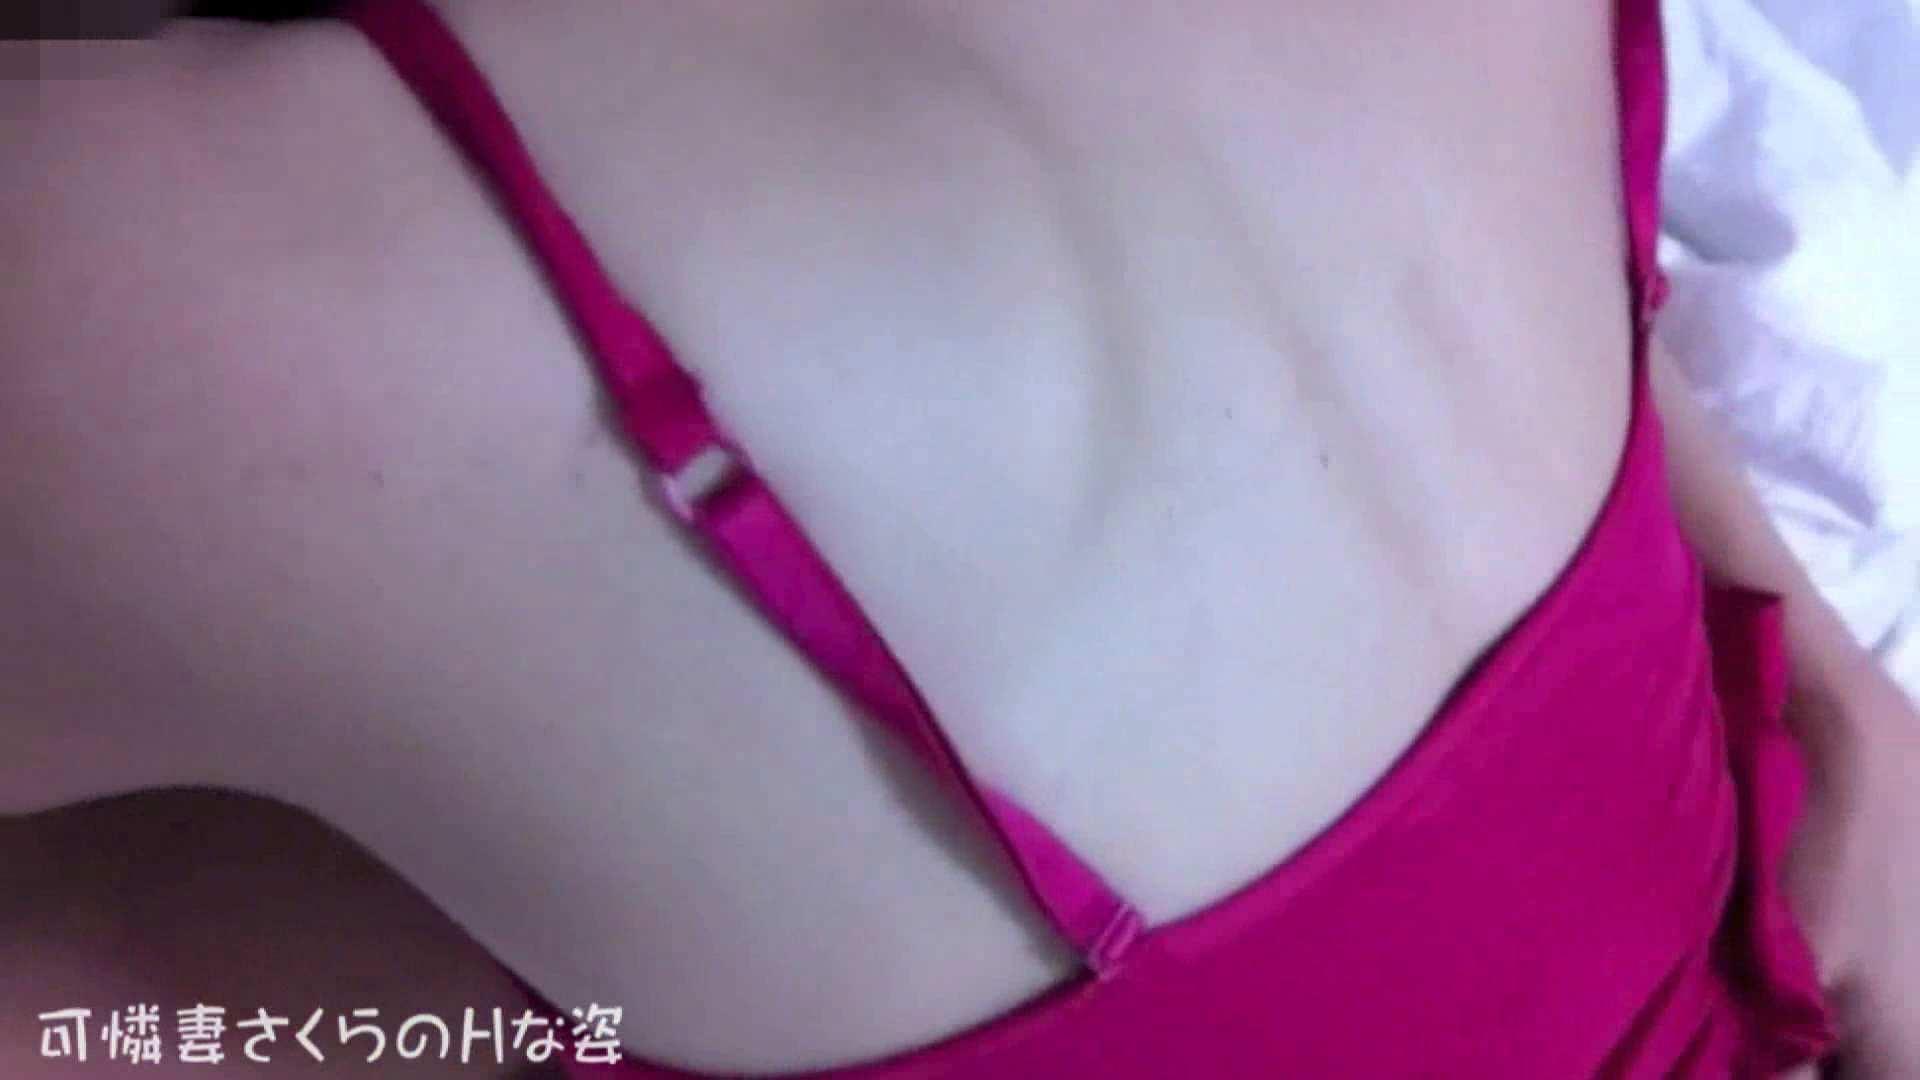 可憐妻さくらのHな姿vol.13 セックス映像 エロ画像 49pic 44